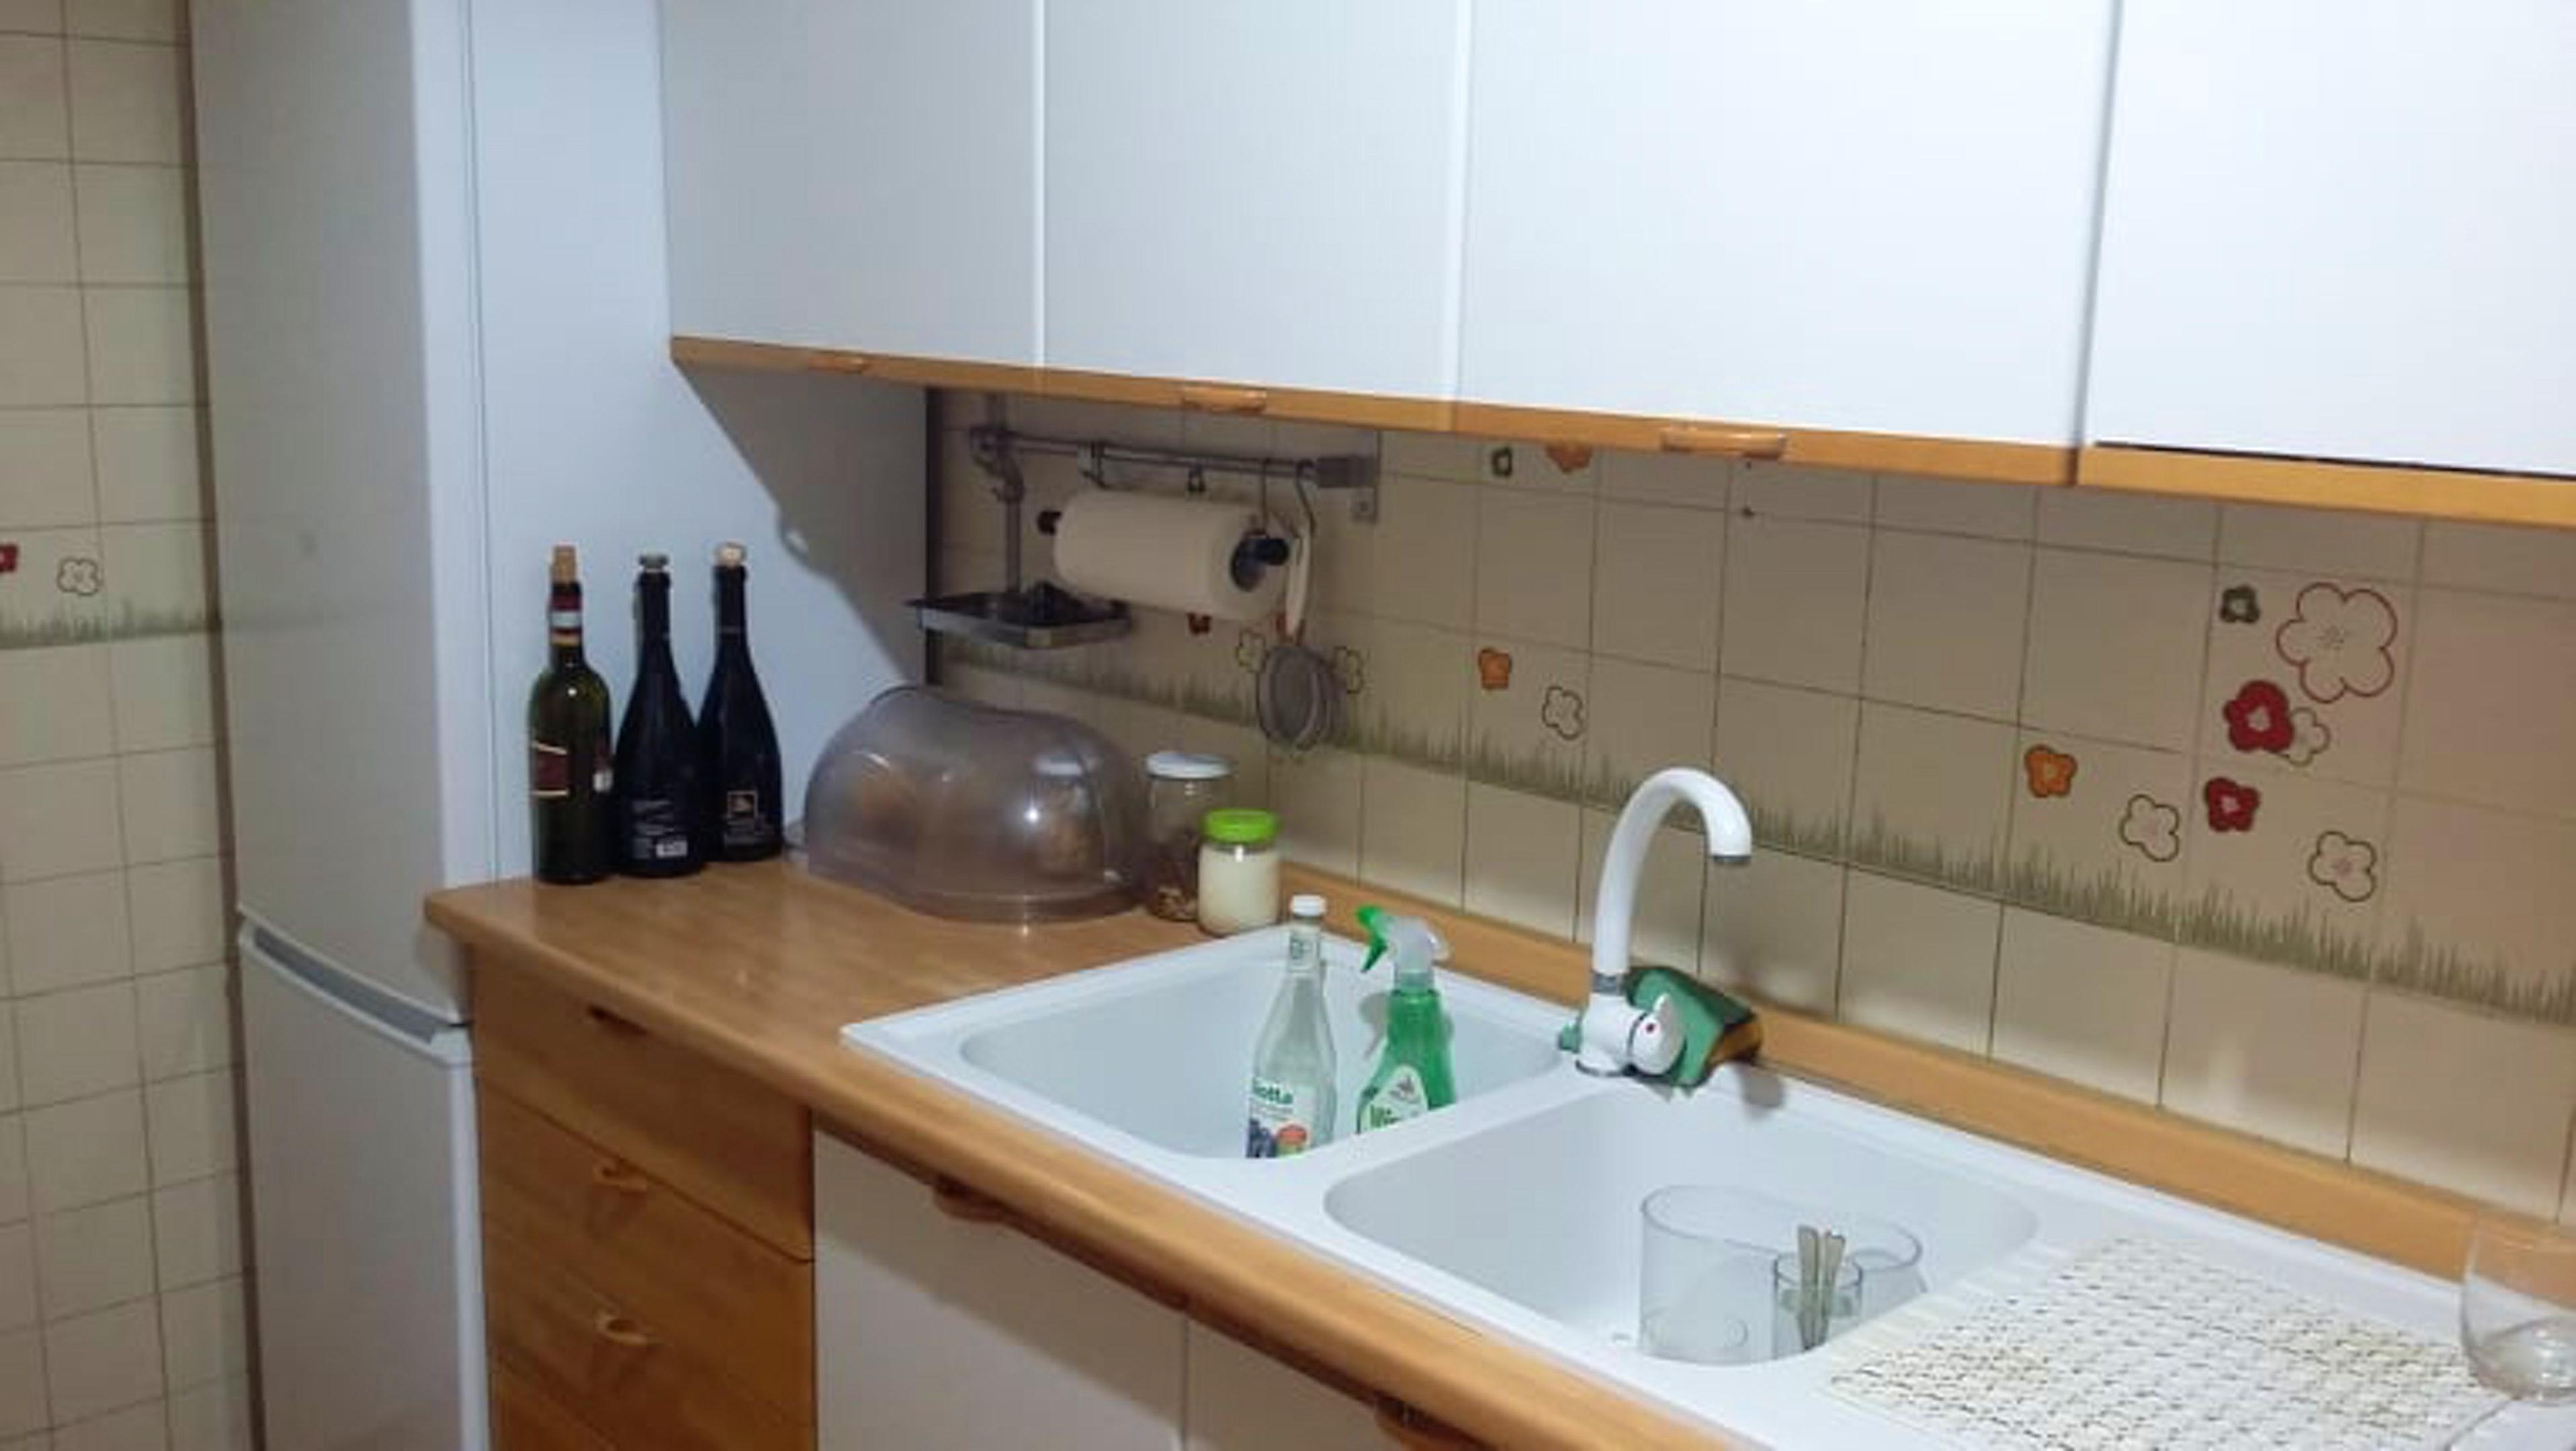 Ferienwohnung Wohnung mit 3 Schlafzimmern in Angri mit schöner Aussicht auf die Stadt und möbliertem Bal (2557376), Angri, Salerno, Kampanien, Italien, Bild 10